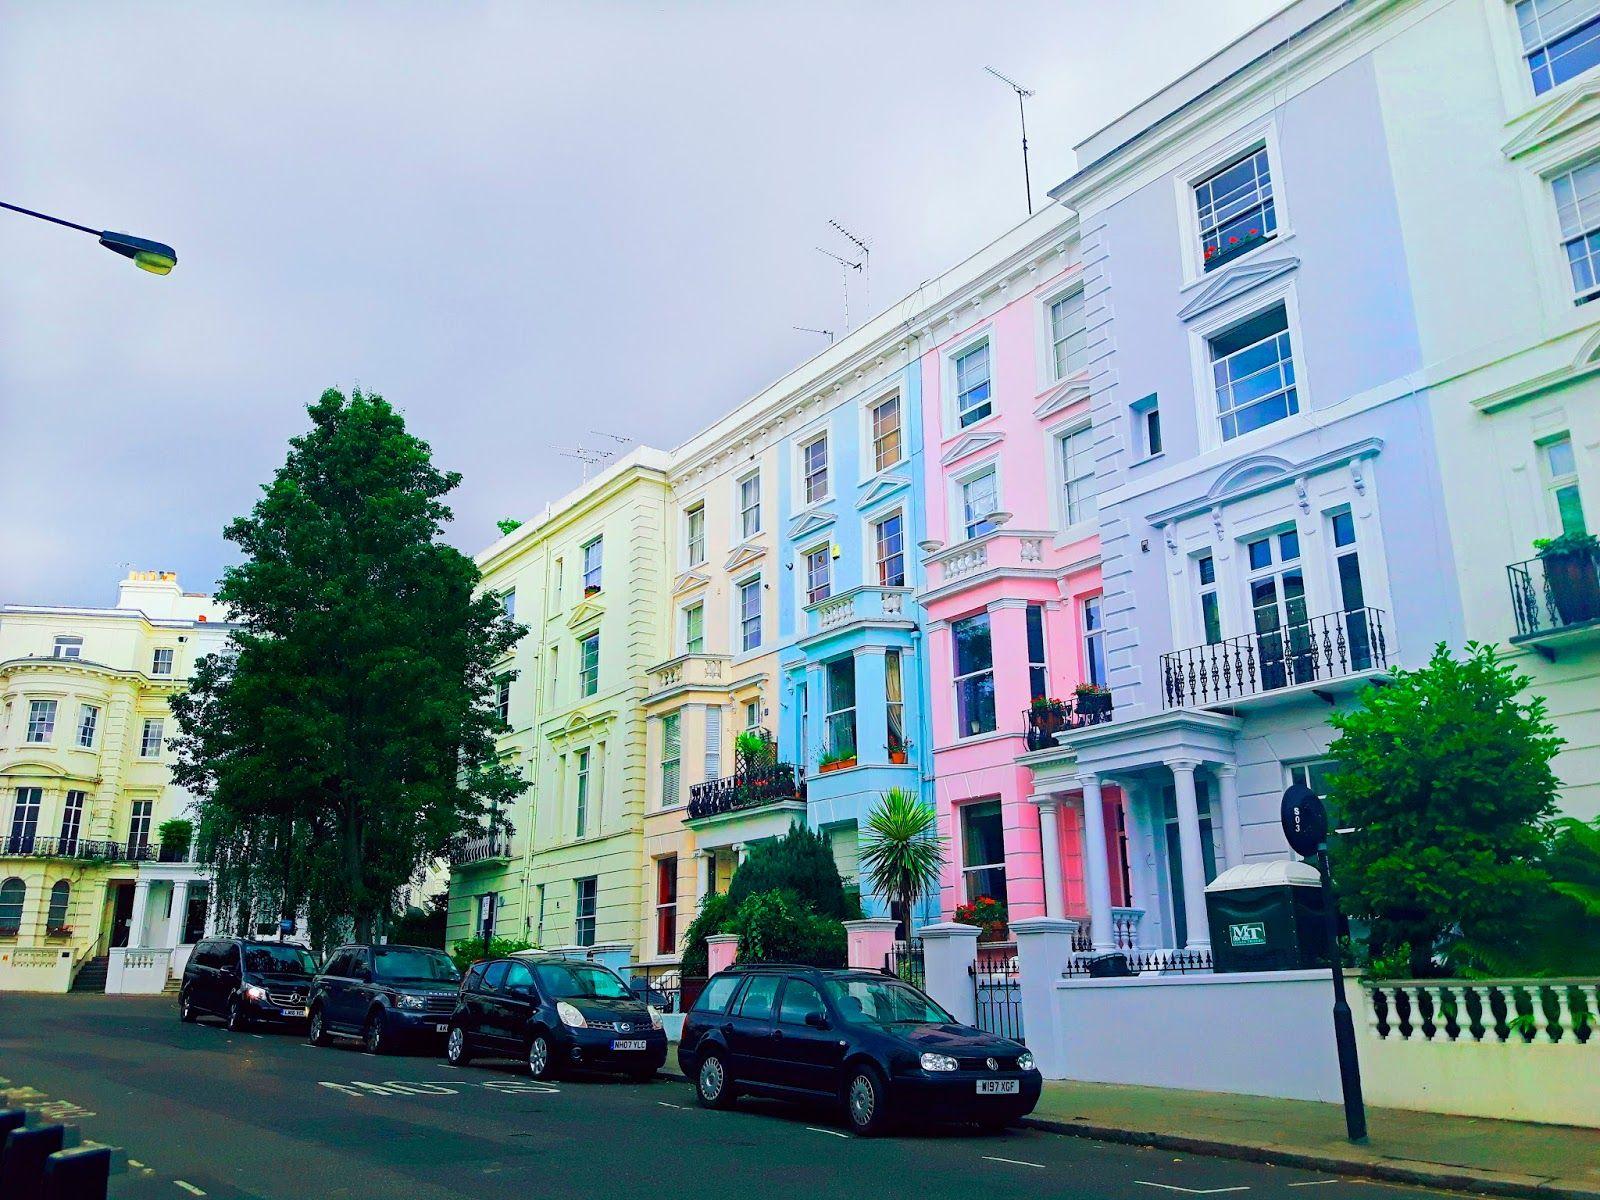 Lugares para visitar em Londres: Portobello Road Market em Notting ...